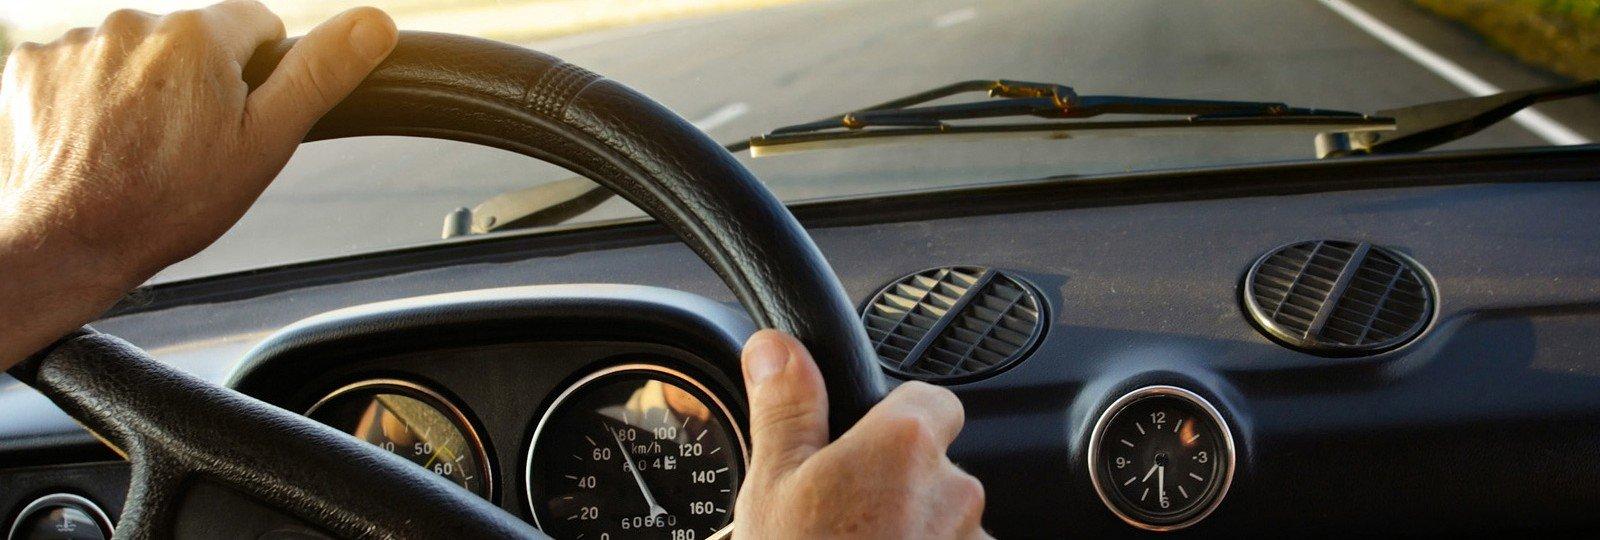 Vairavimo mokyklos paieškos